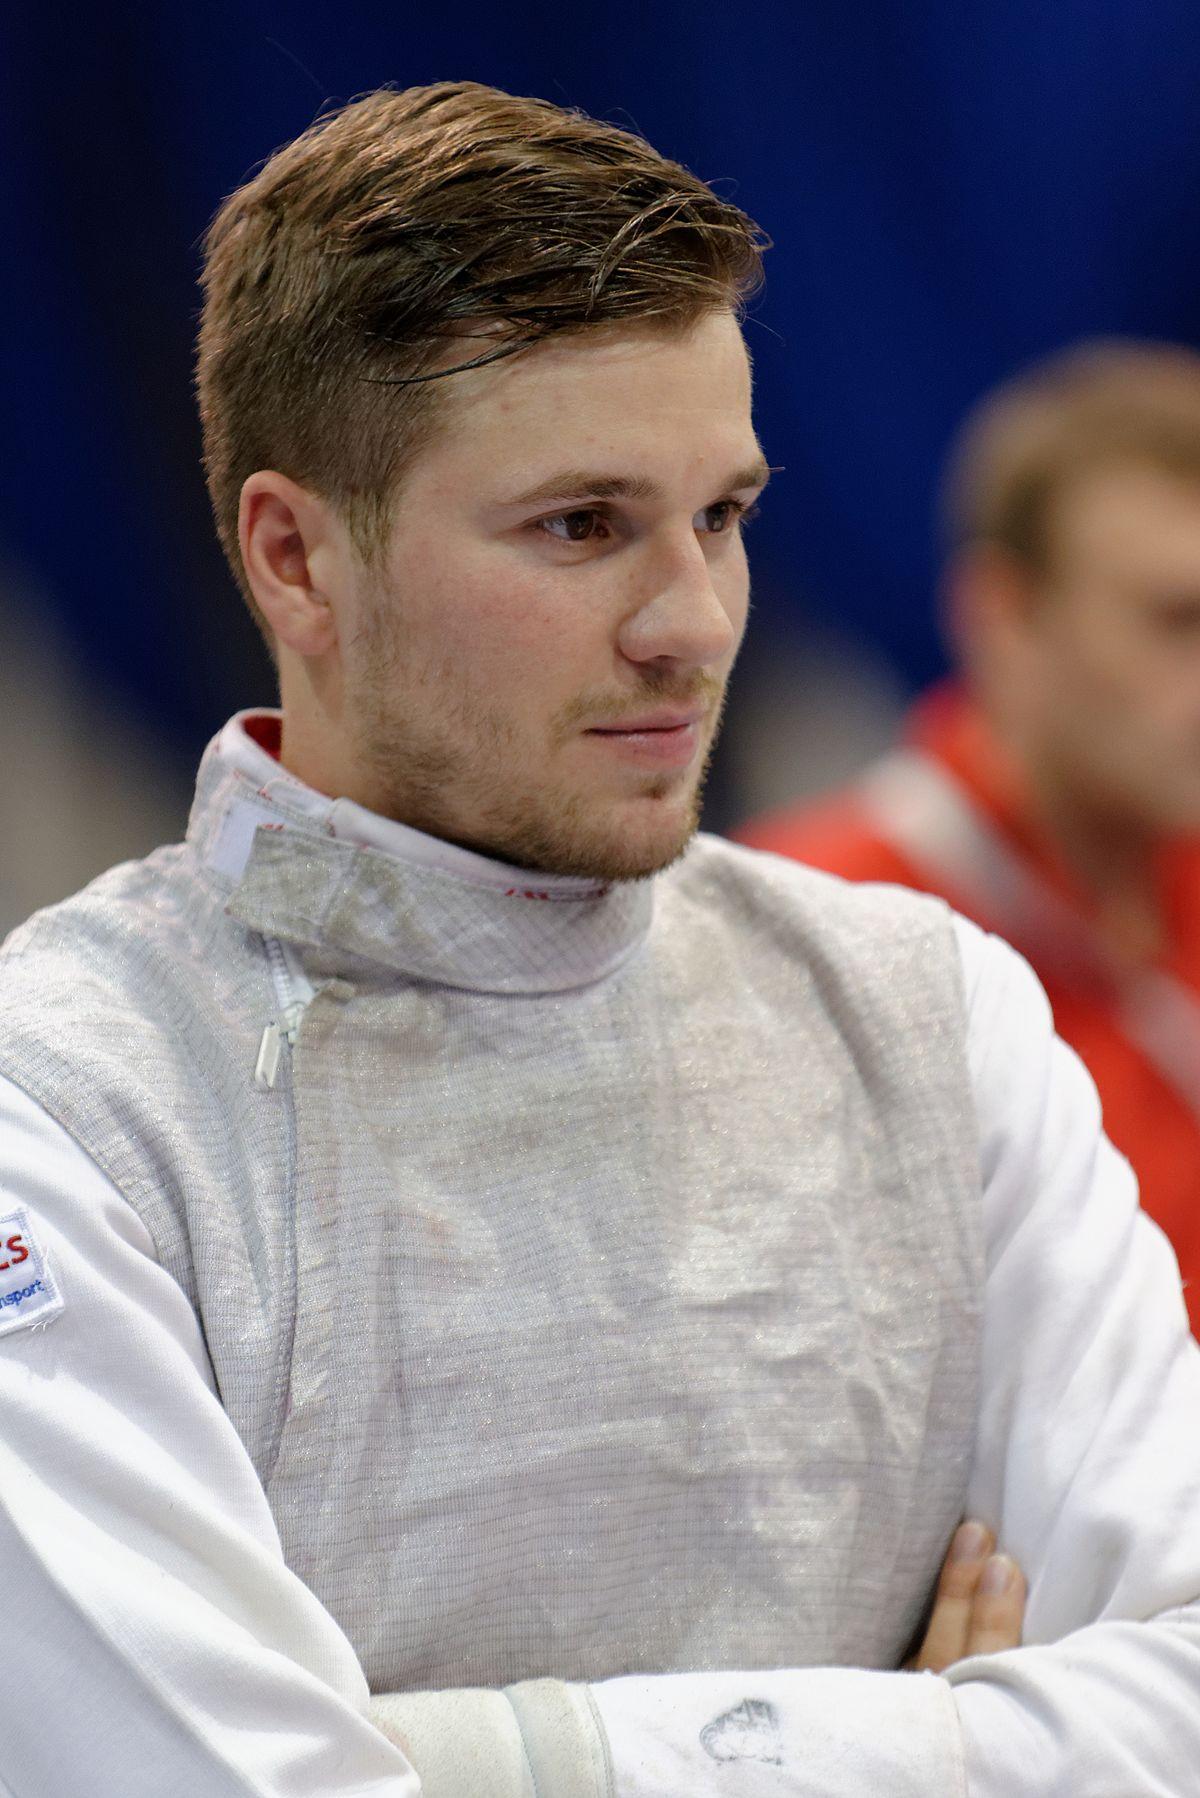 Michał Majewski Wikipedia